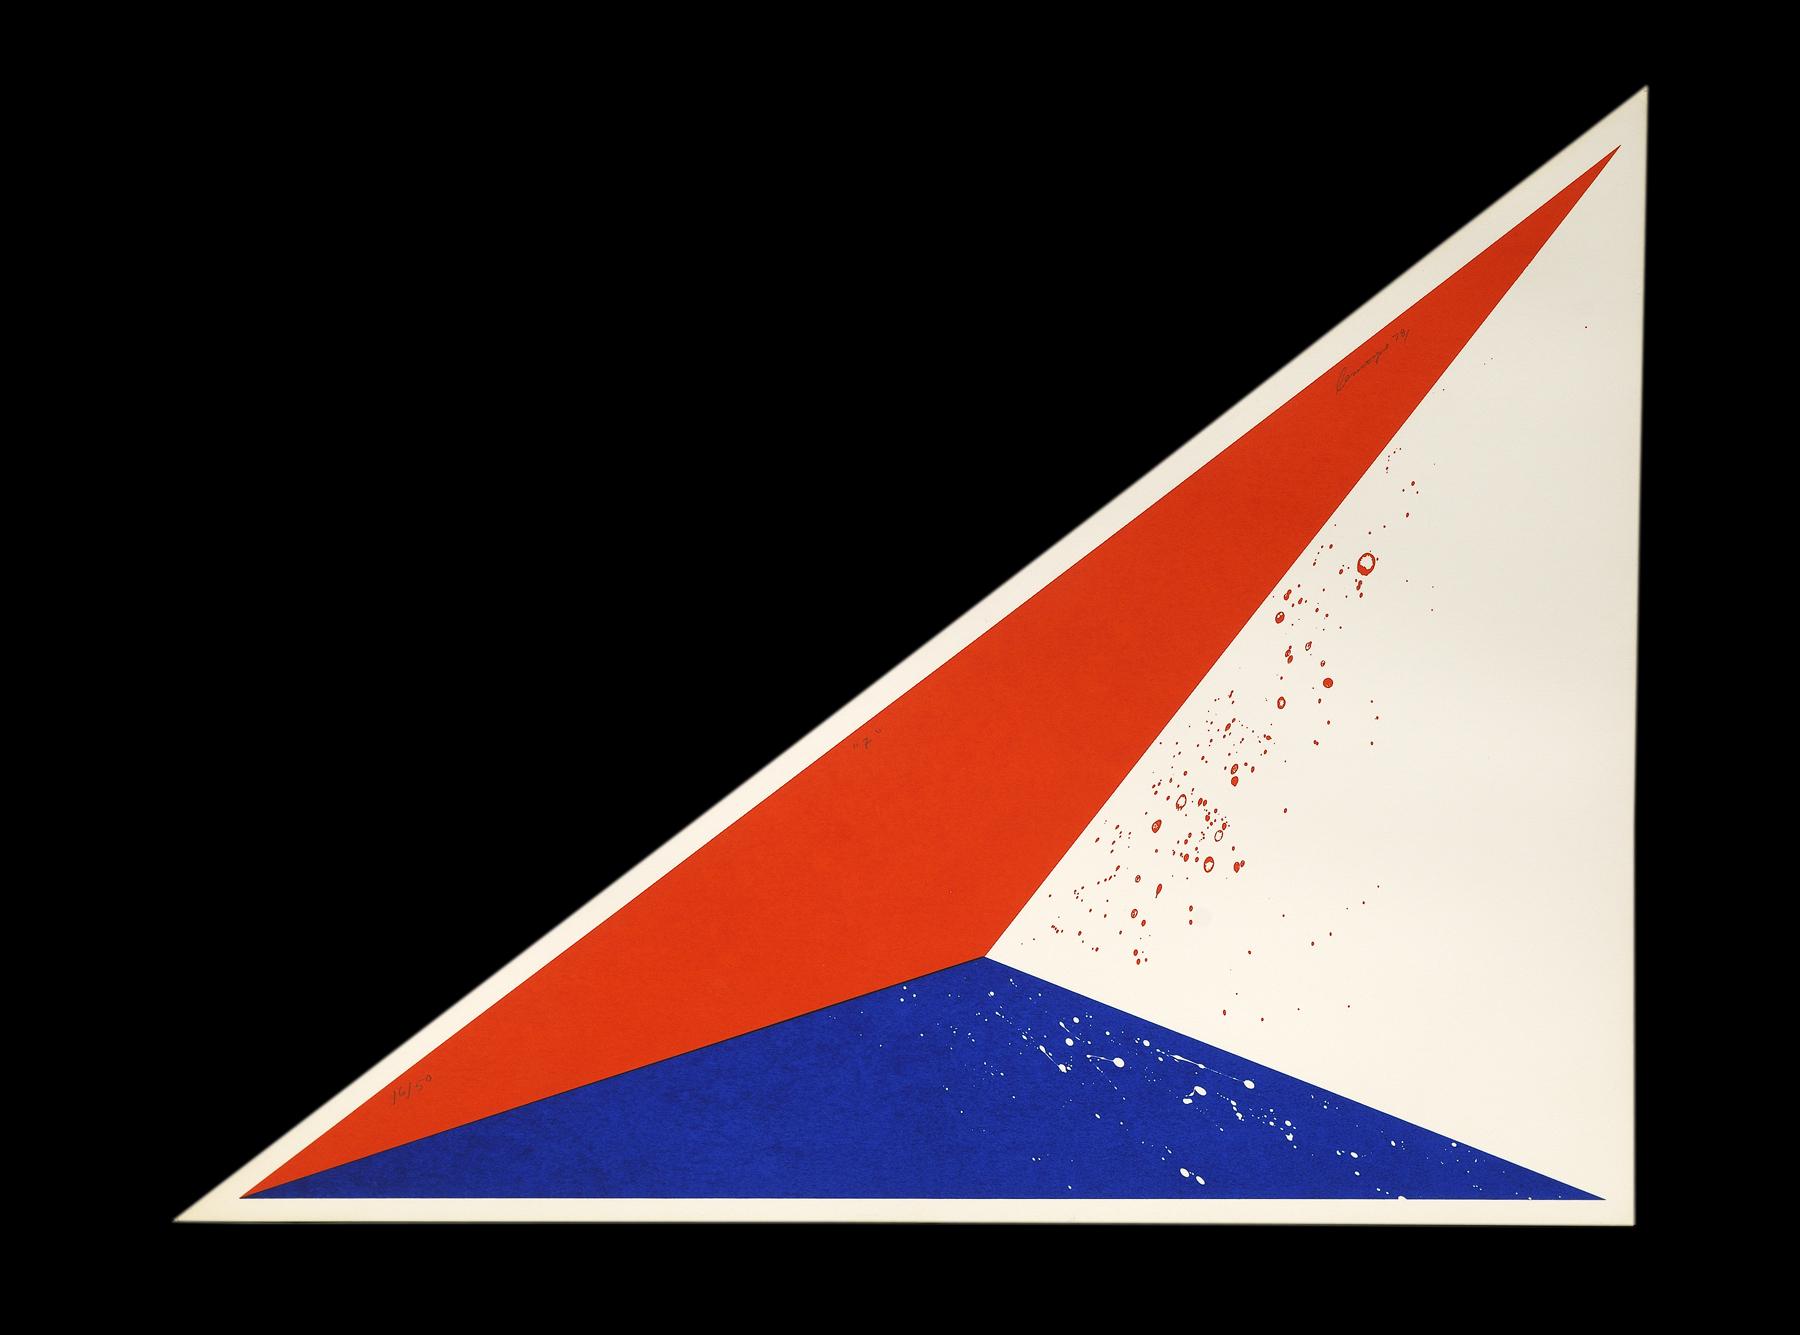 Lemoyne_Triangle F